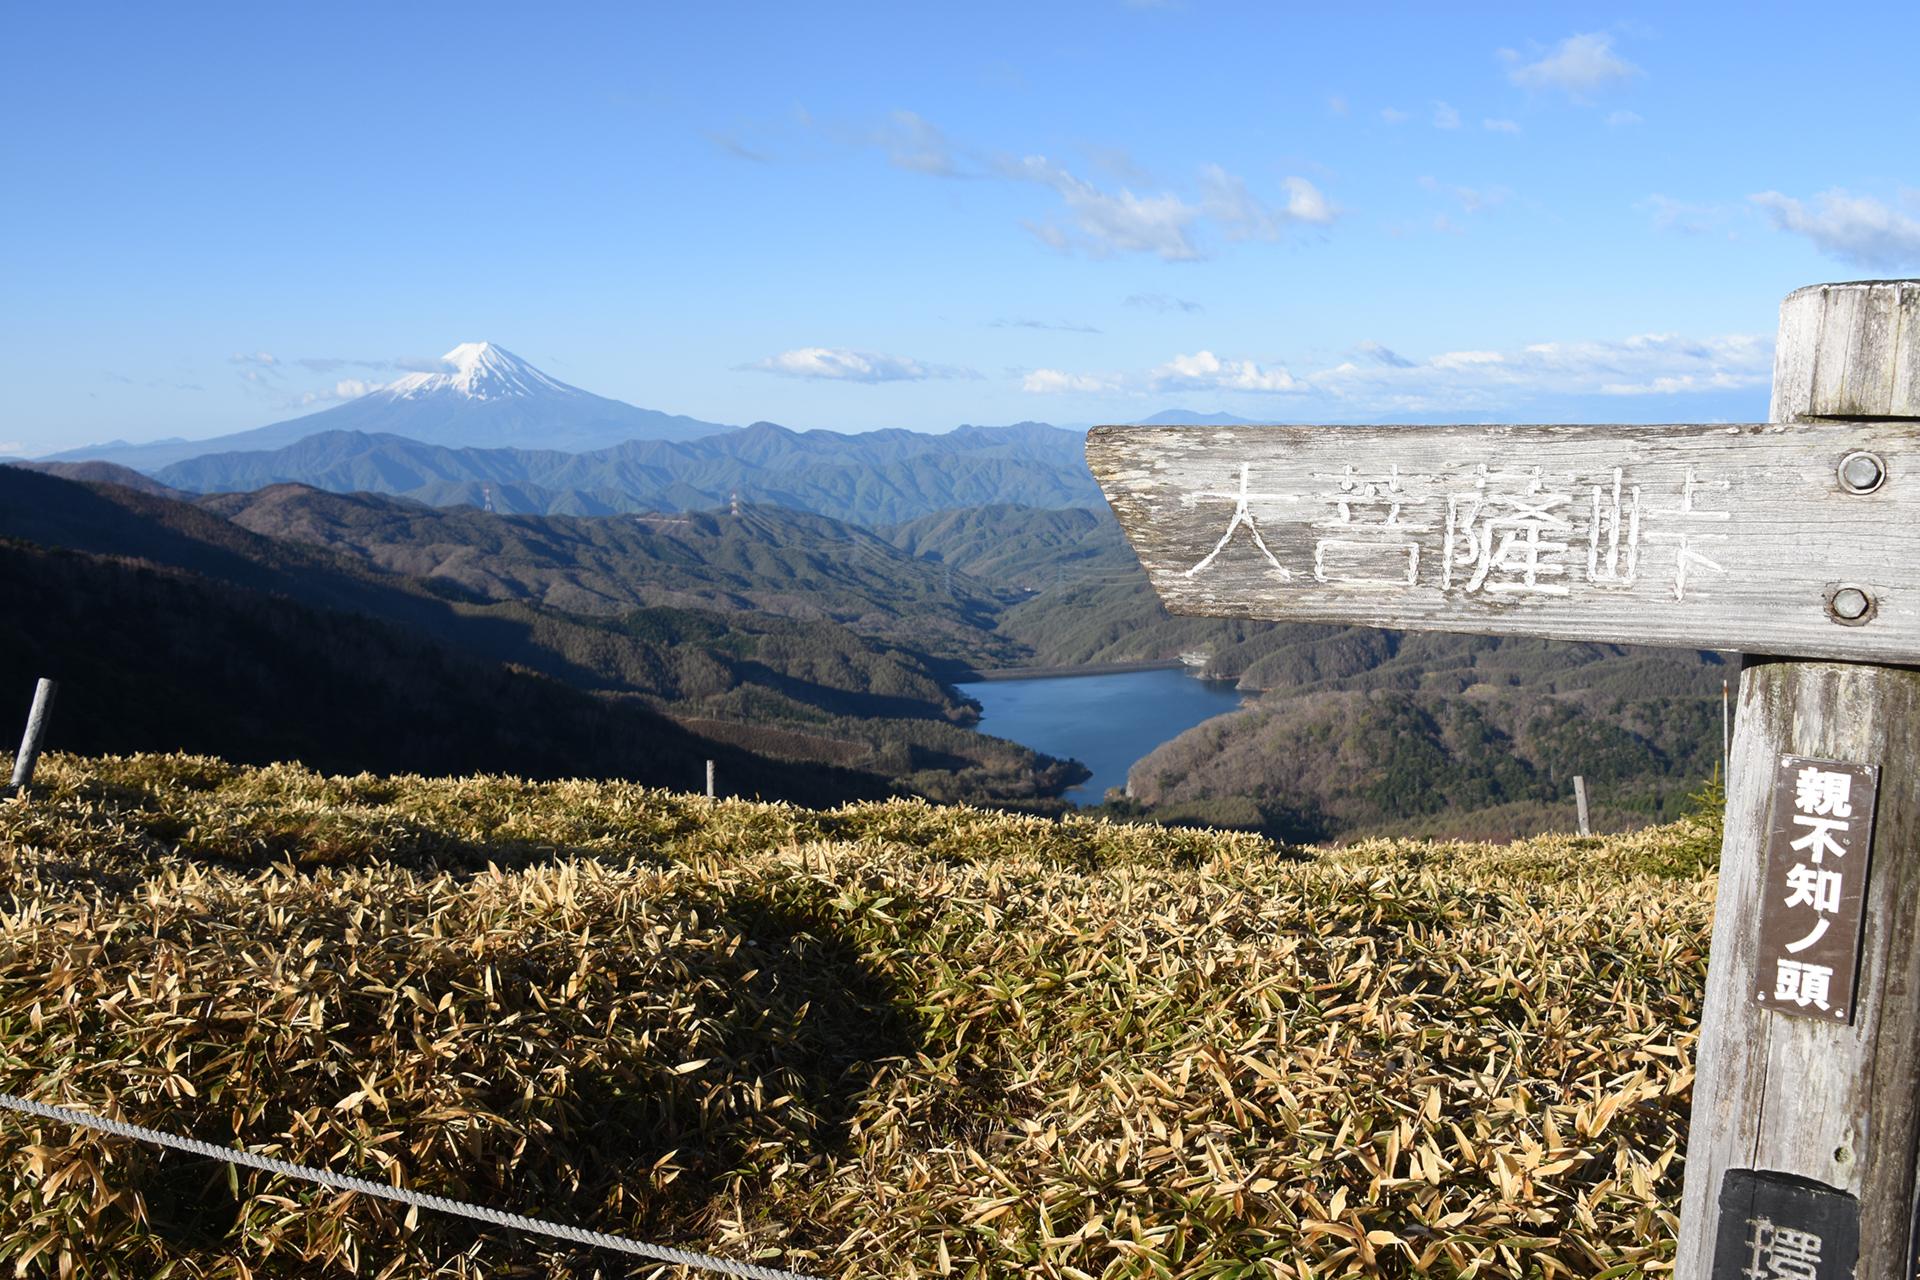 29 ビギナーにもおすすめ!日帰りでも楽しめる関東の絶景登山・ハイキングスポット10選